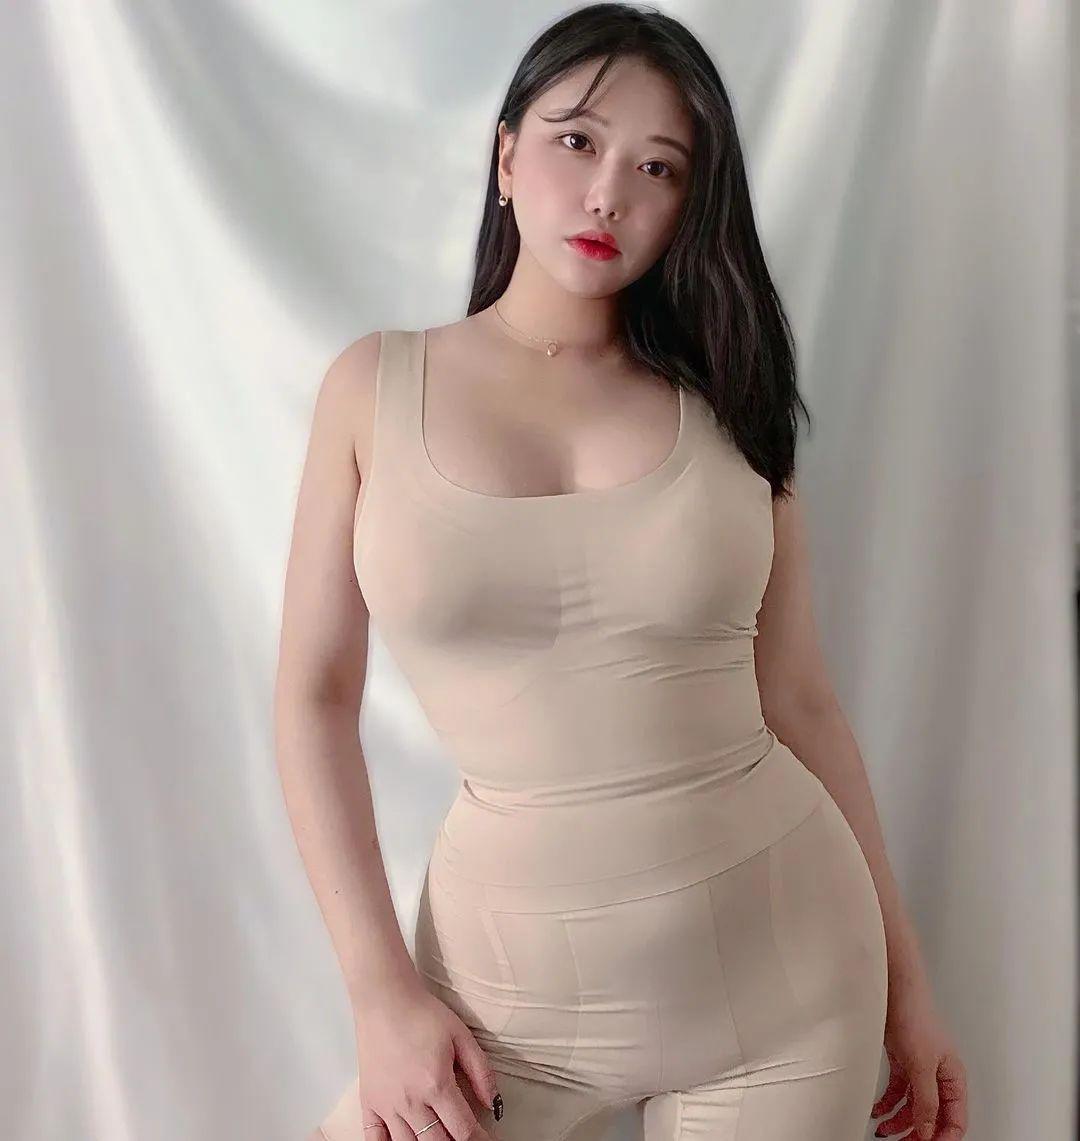 小姐姐图片:超级微胖的美女